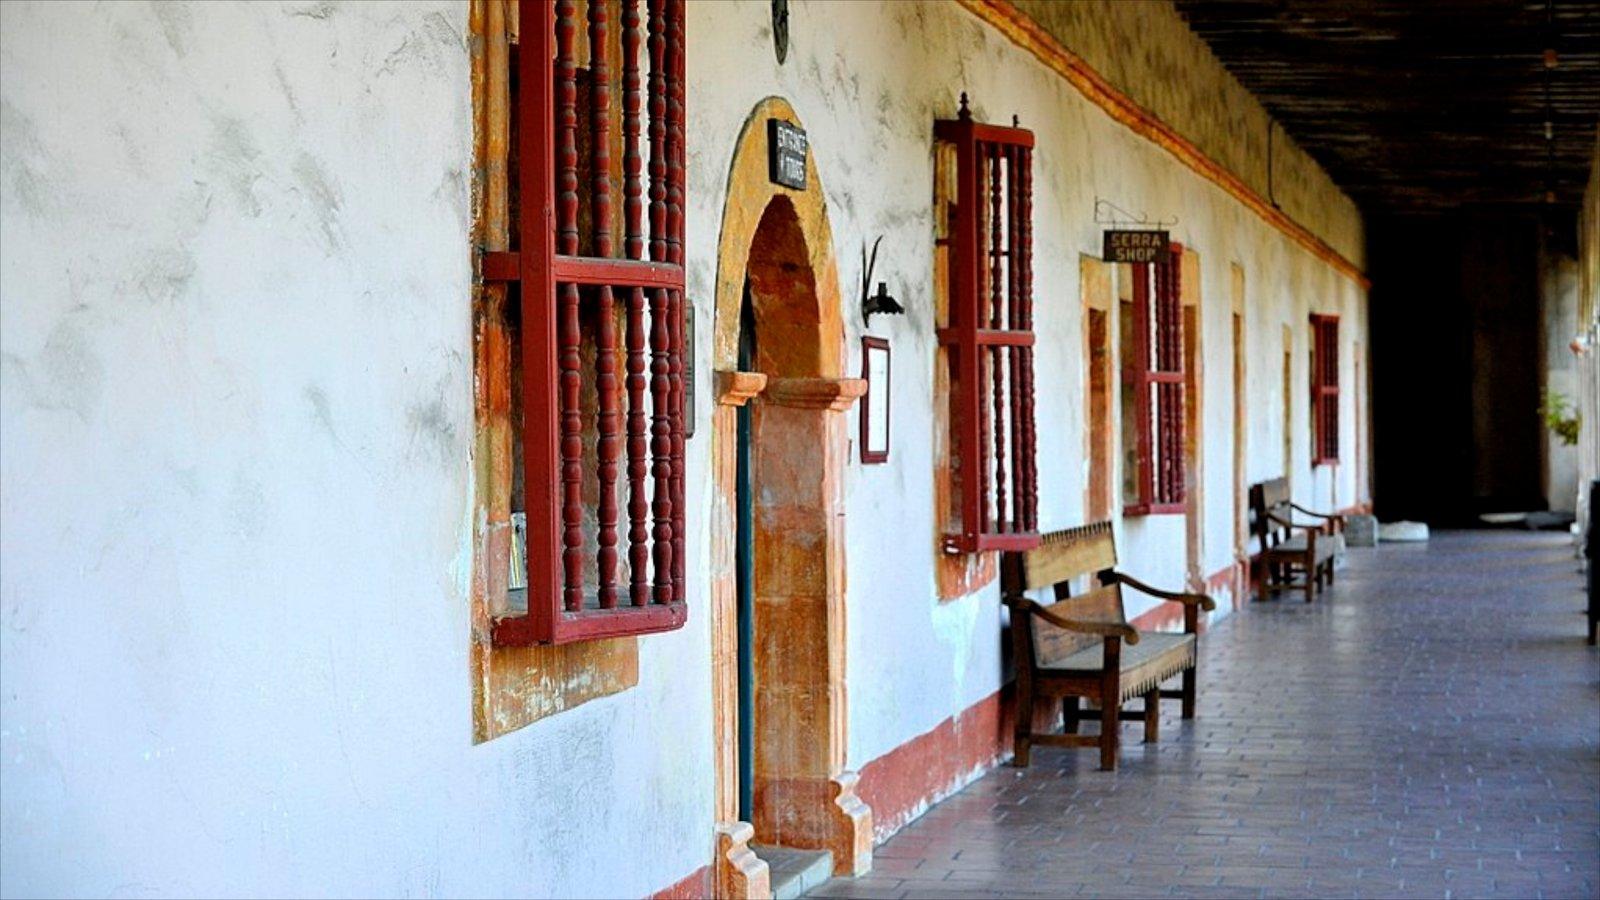 Santa Barbara caracterizando uma casa e arquitetura de patrimônio